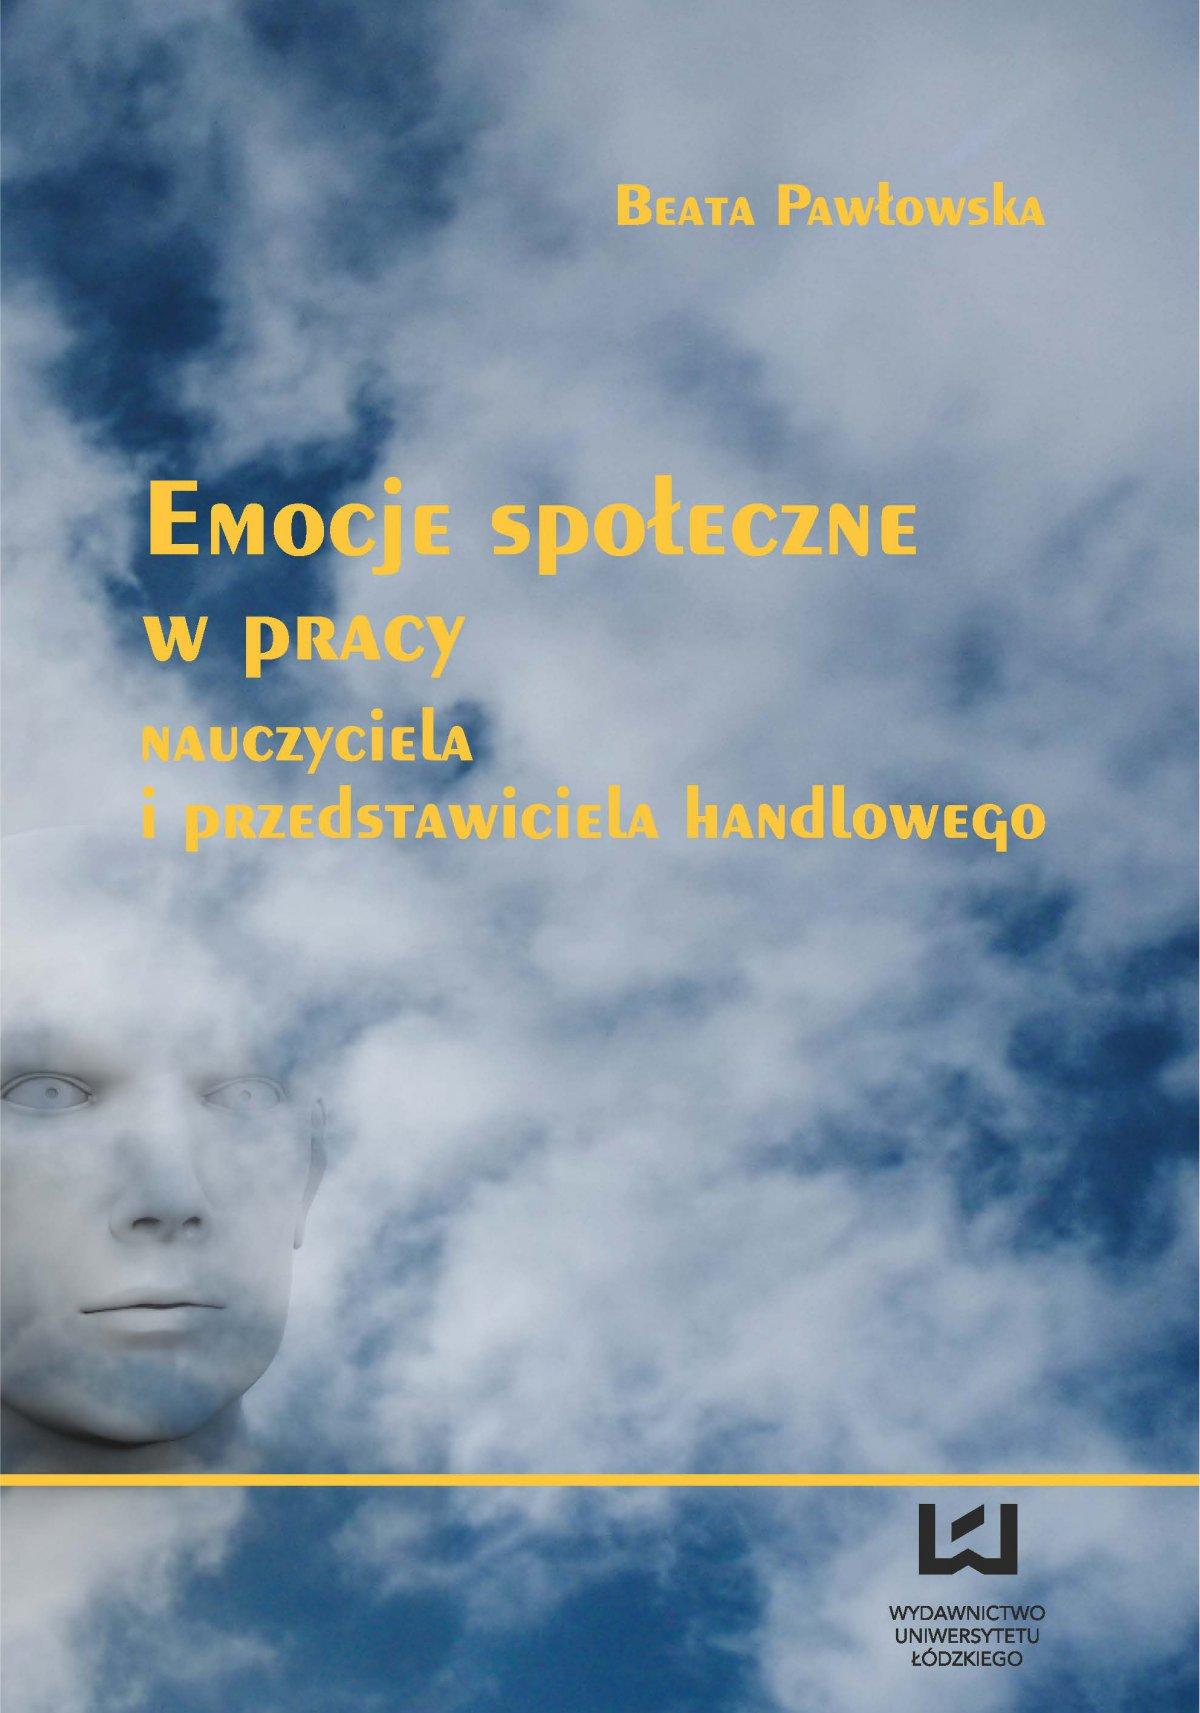 Emocje społeczne w pracy nauczyciela i przedstawiciela handlowego - Ebook (Książka PDF) do pobrania w formacie PDF